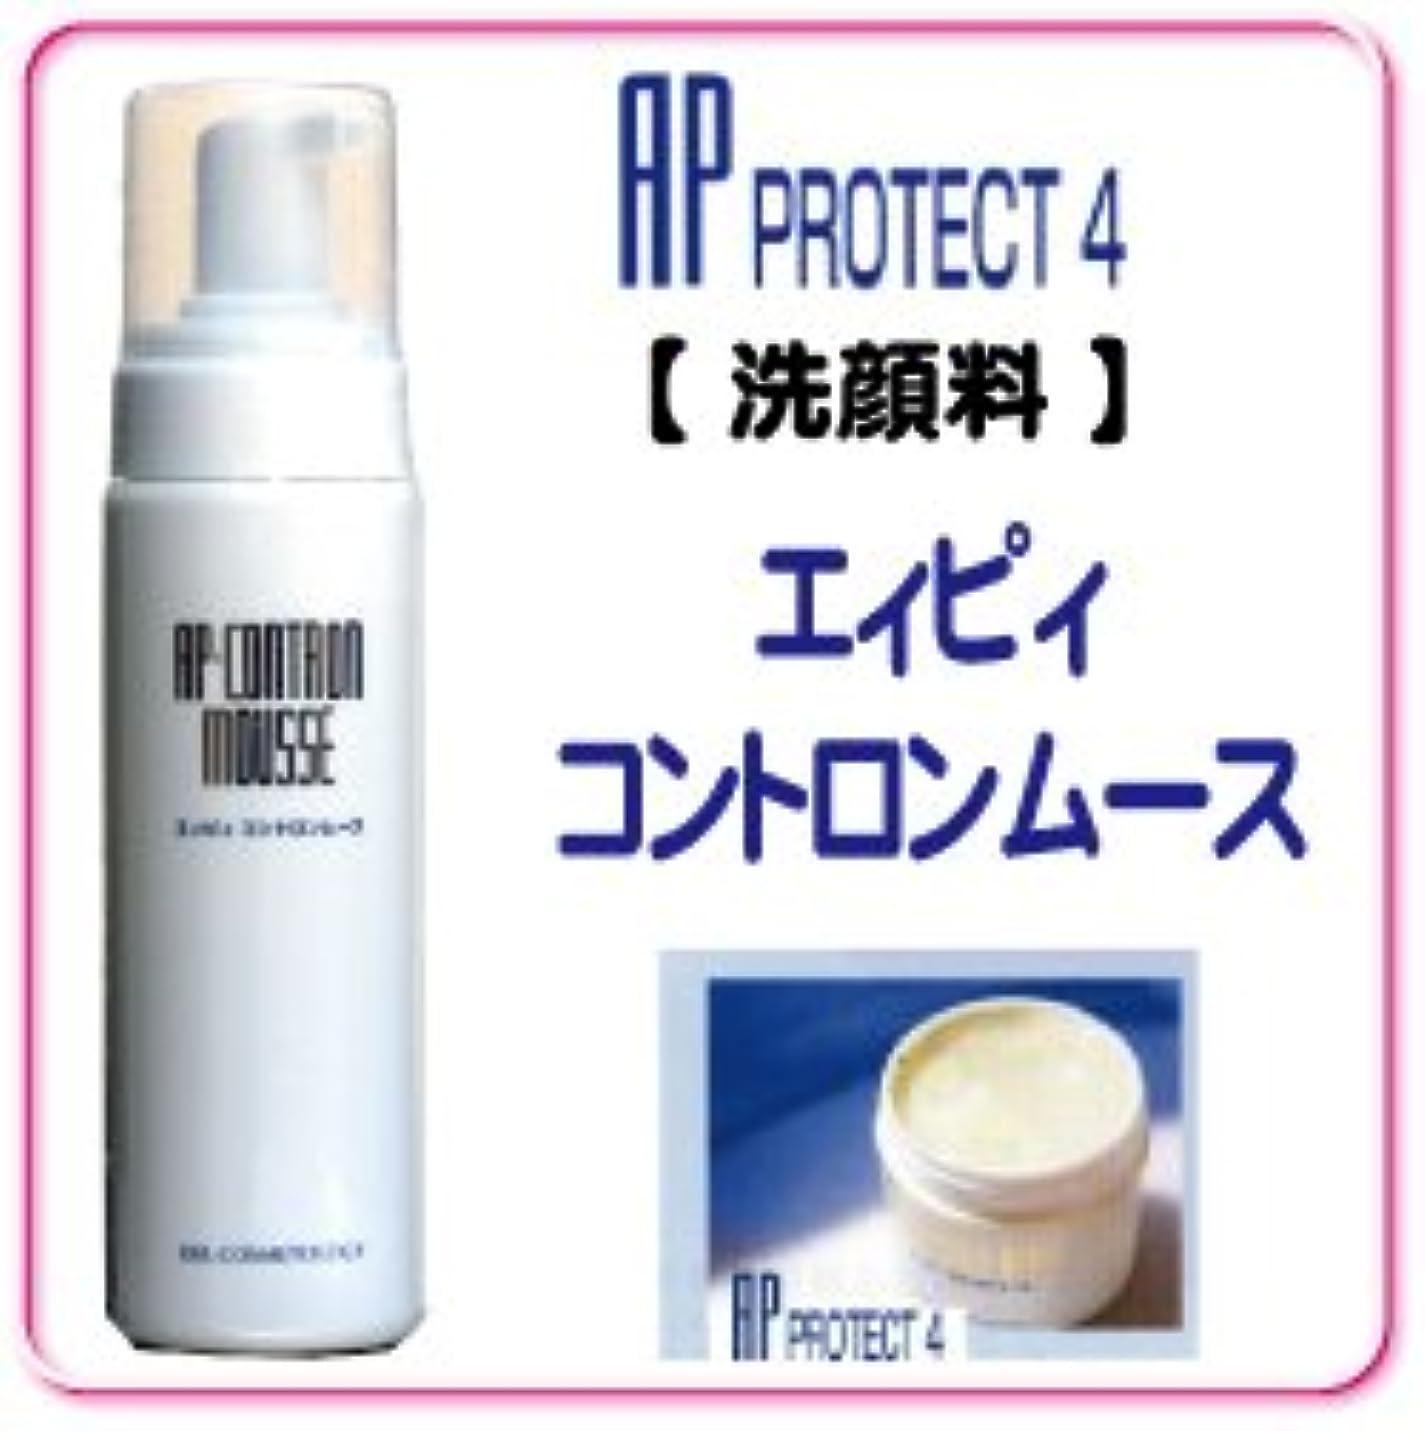 グレートバリアリーフ腐ったぜいたくベルマン化粧品 APprotectシリーズ  コントロンムース  洗顔フォーム 200ml